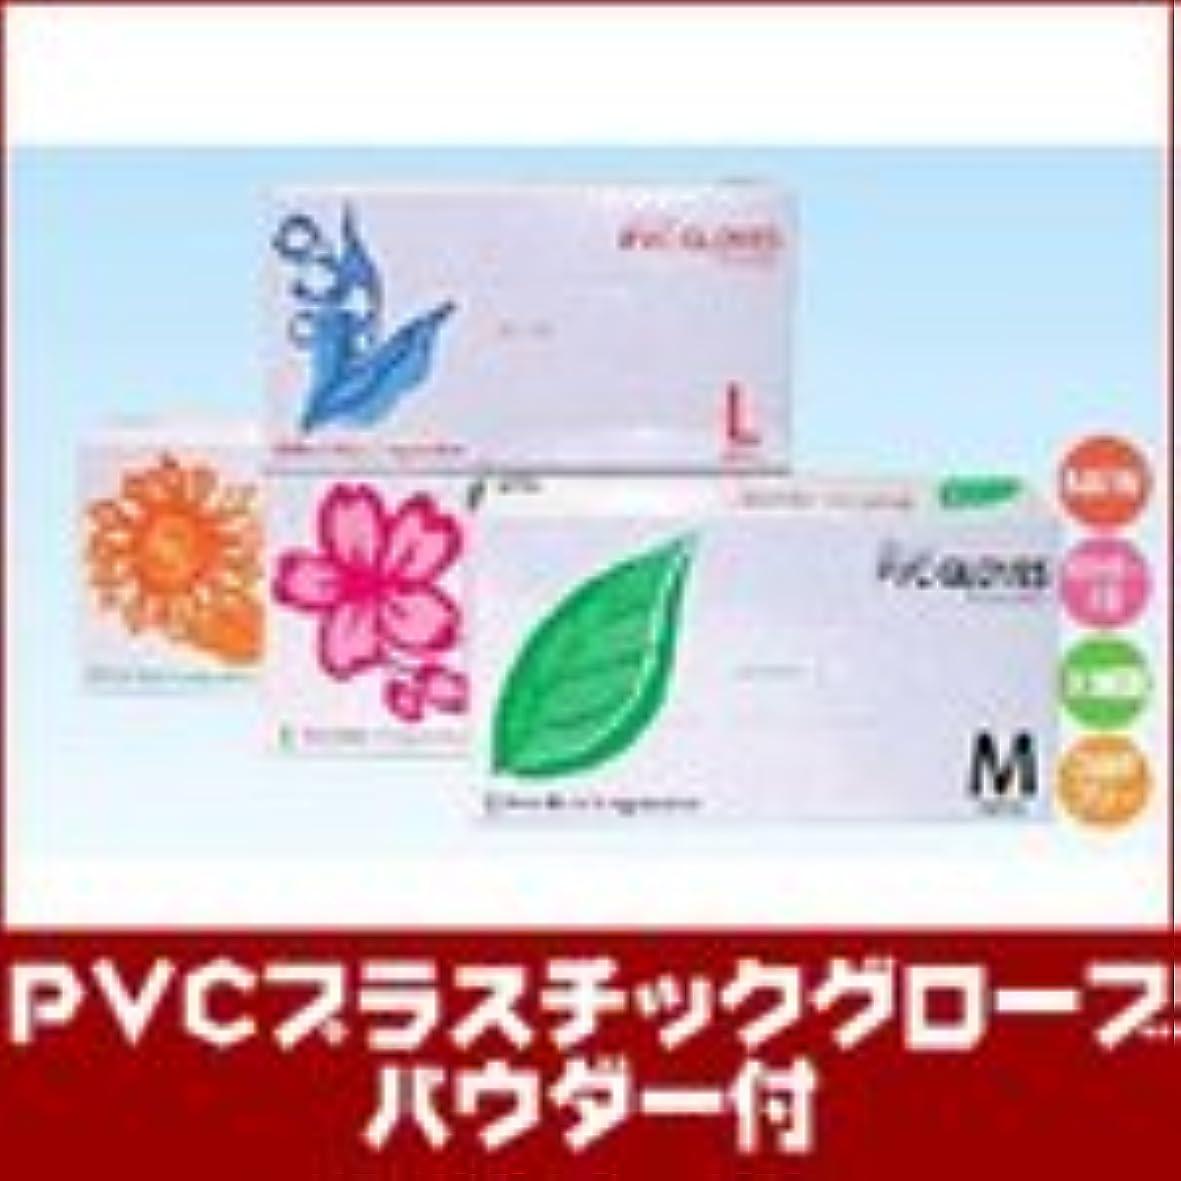 プレミア PVCプラスチックグローブ パウダー付 100枚入 10セット M